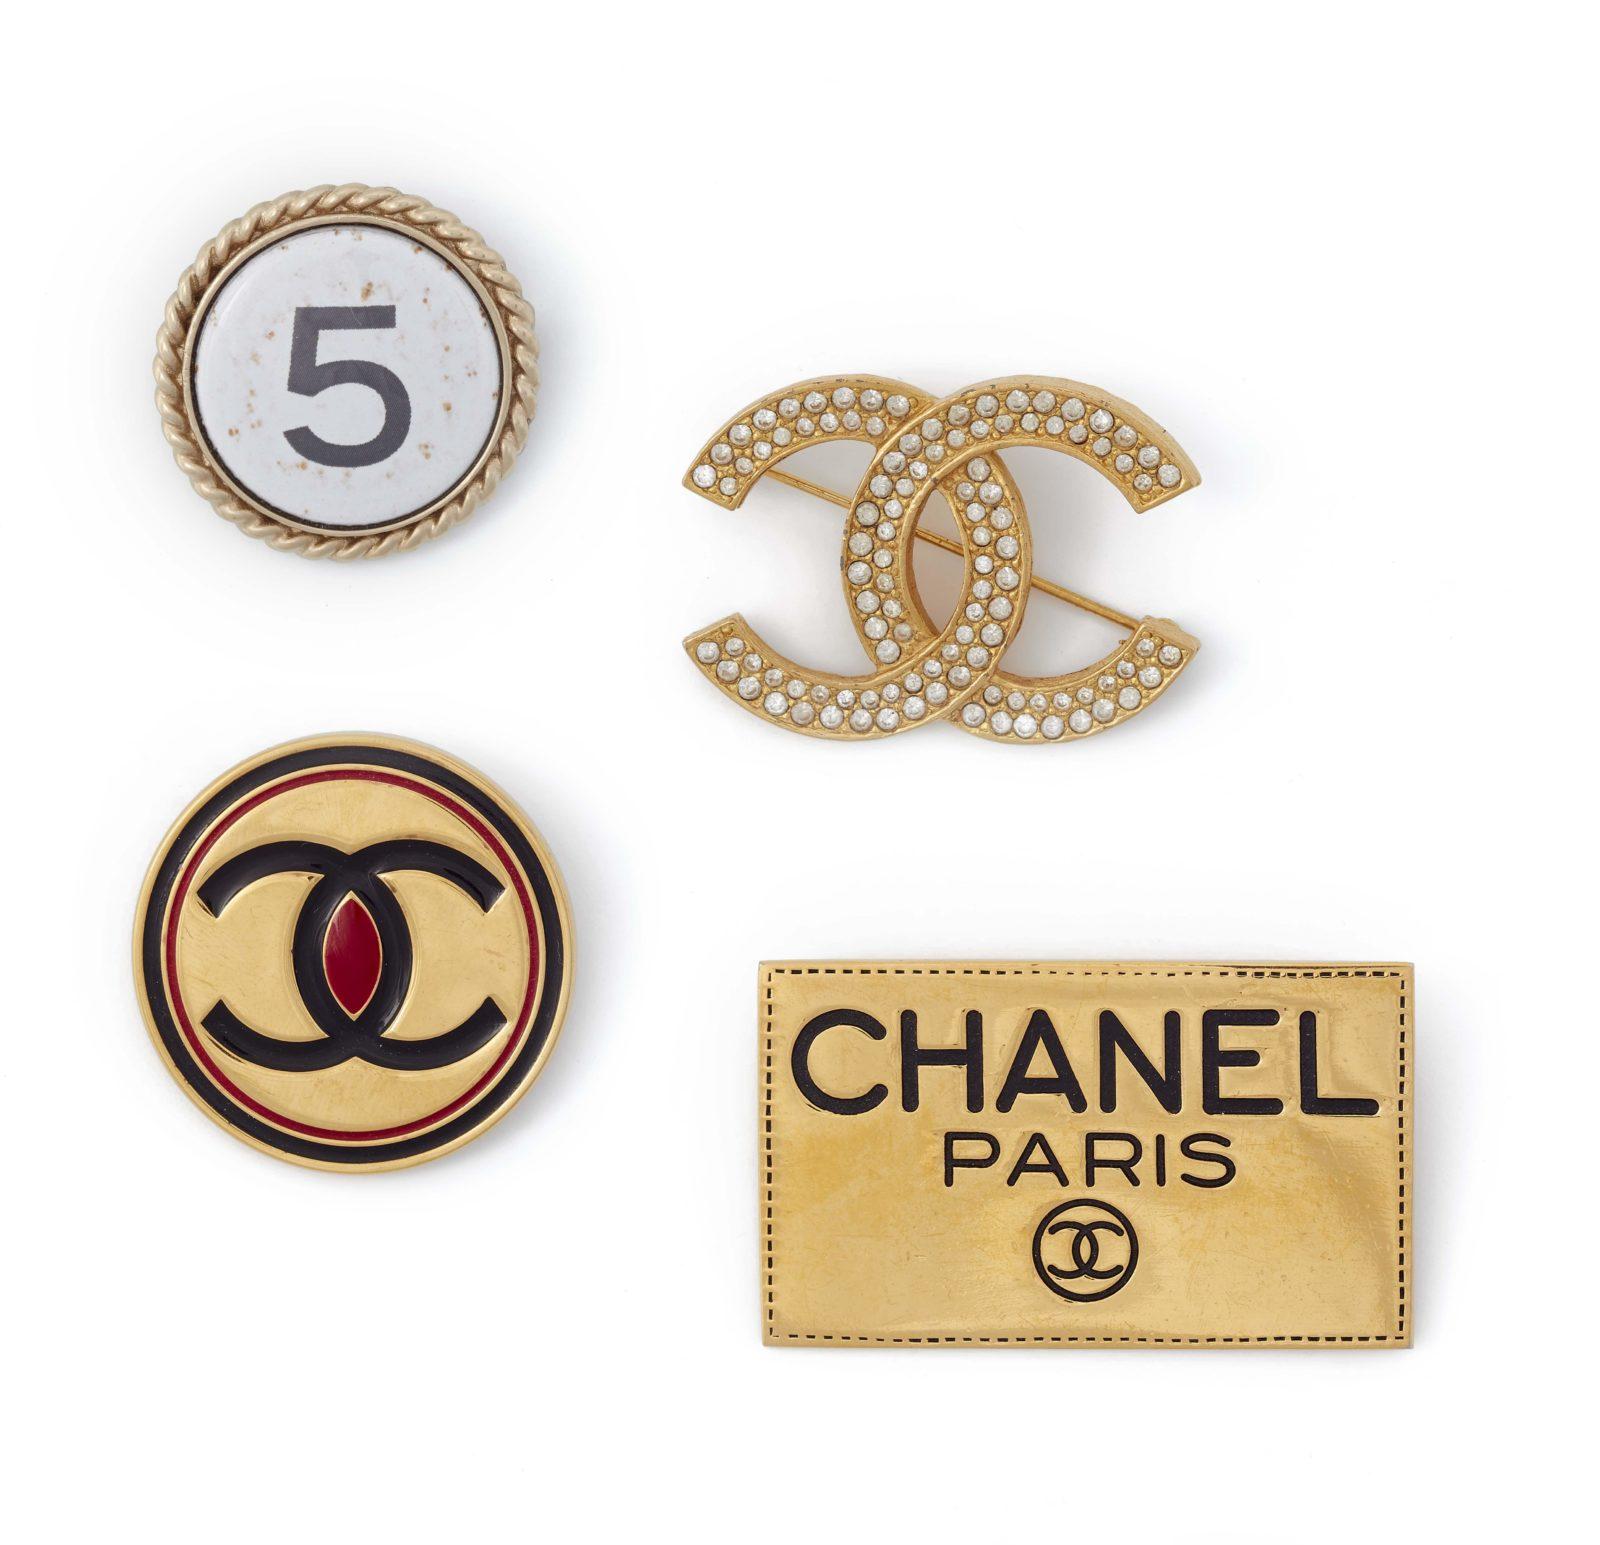 2d99e5a7 Journelles-Fashion-Hommage-a-Coco-Chanel-Auktion-1 - Journelles